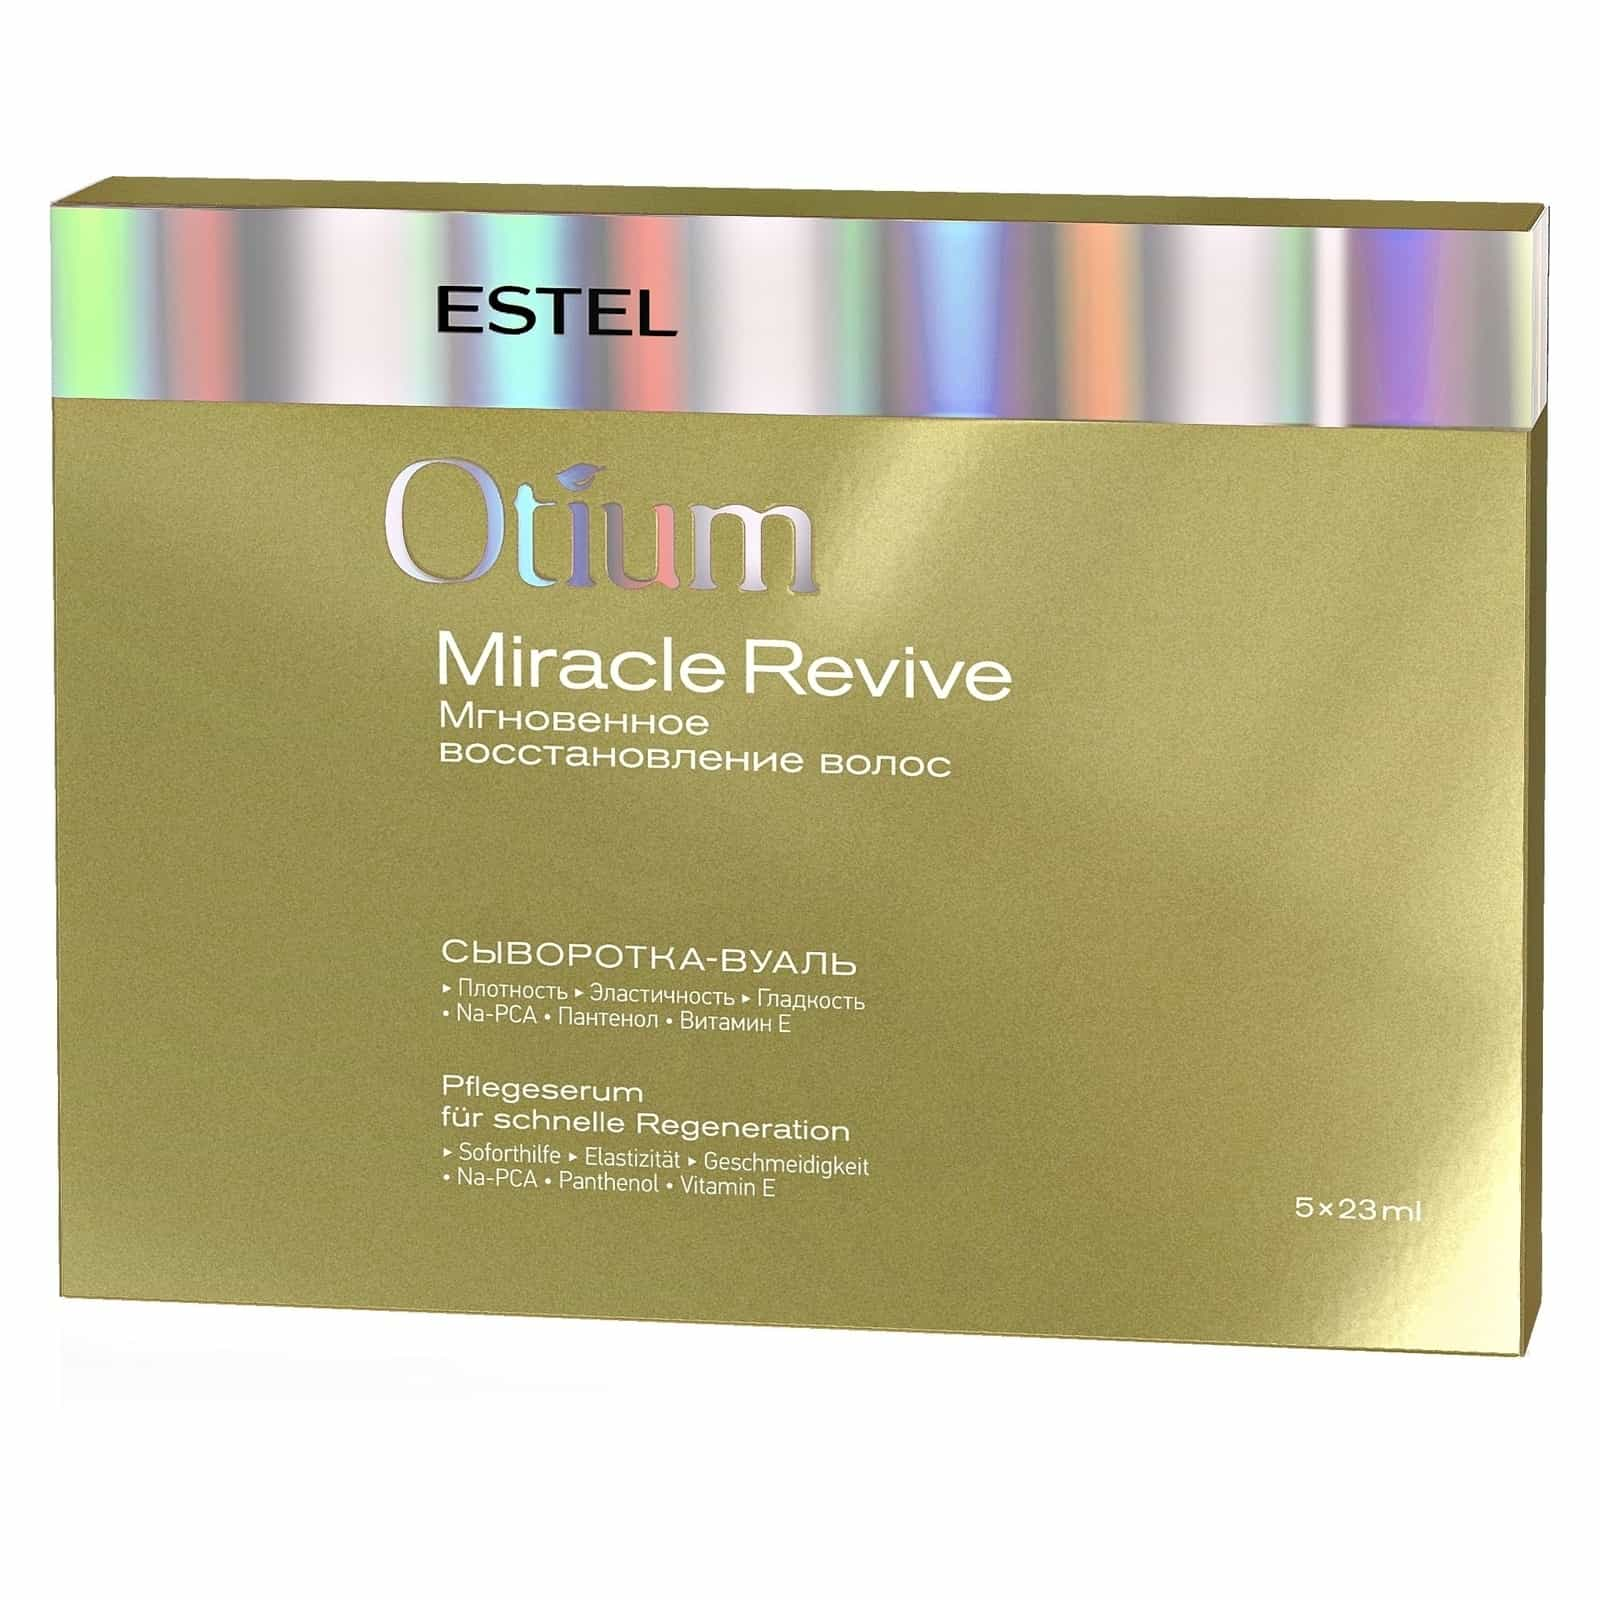 Otium Miracle Revive Pflegeserum für schnelle Regeneration von ESTEL